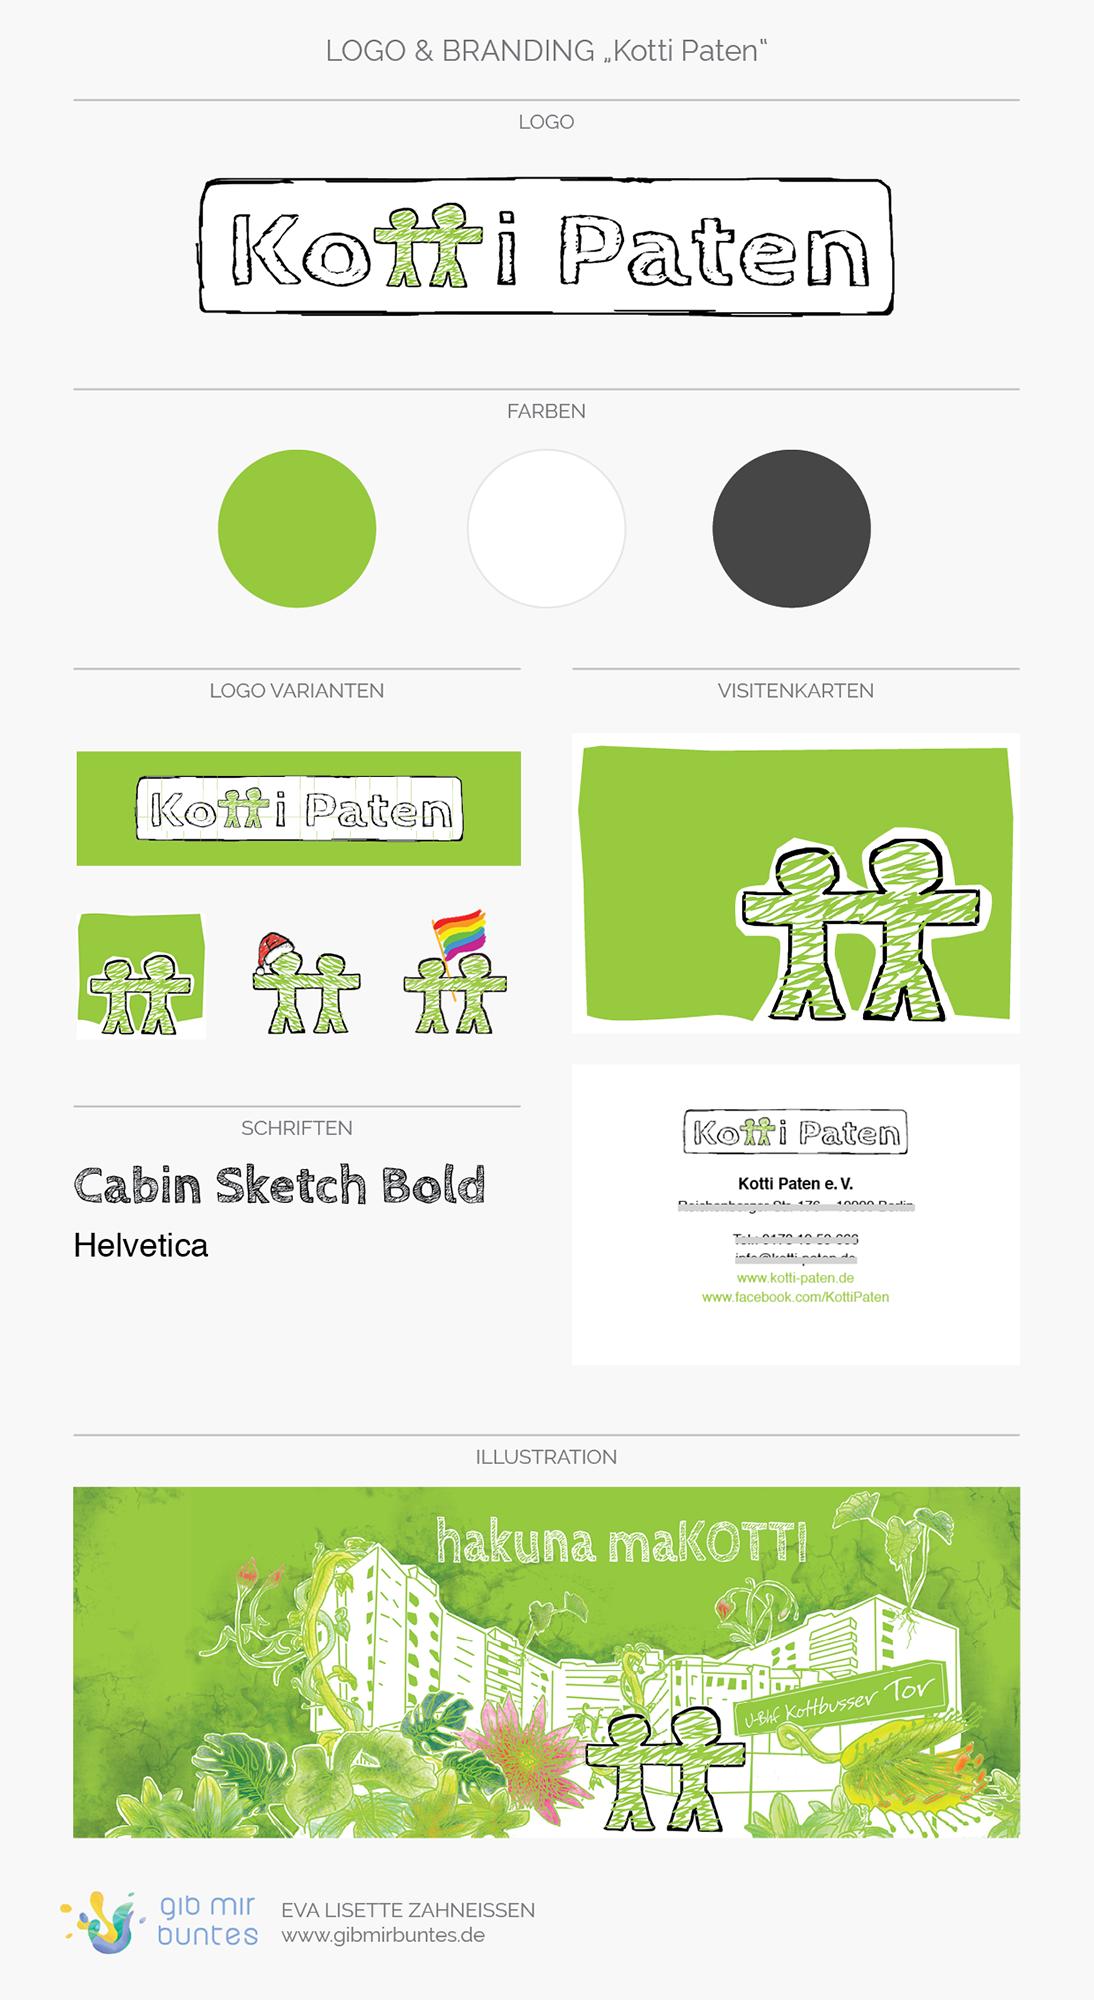 Logo, Logo-Varianten, Farben, Schriften und Illustration